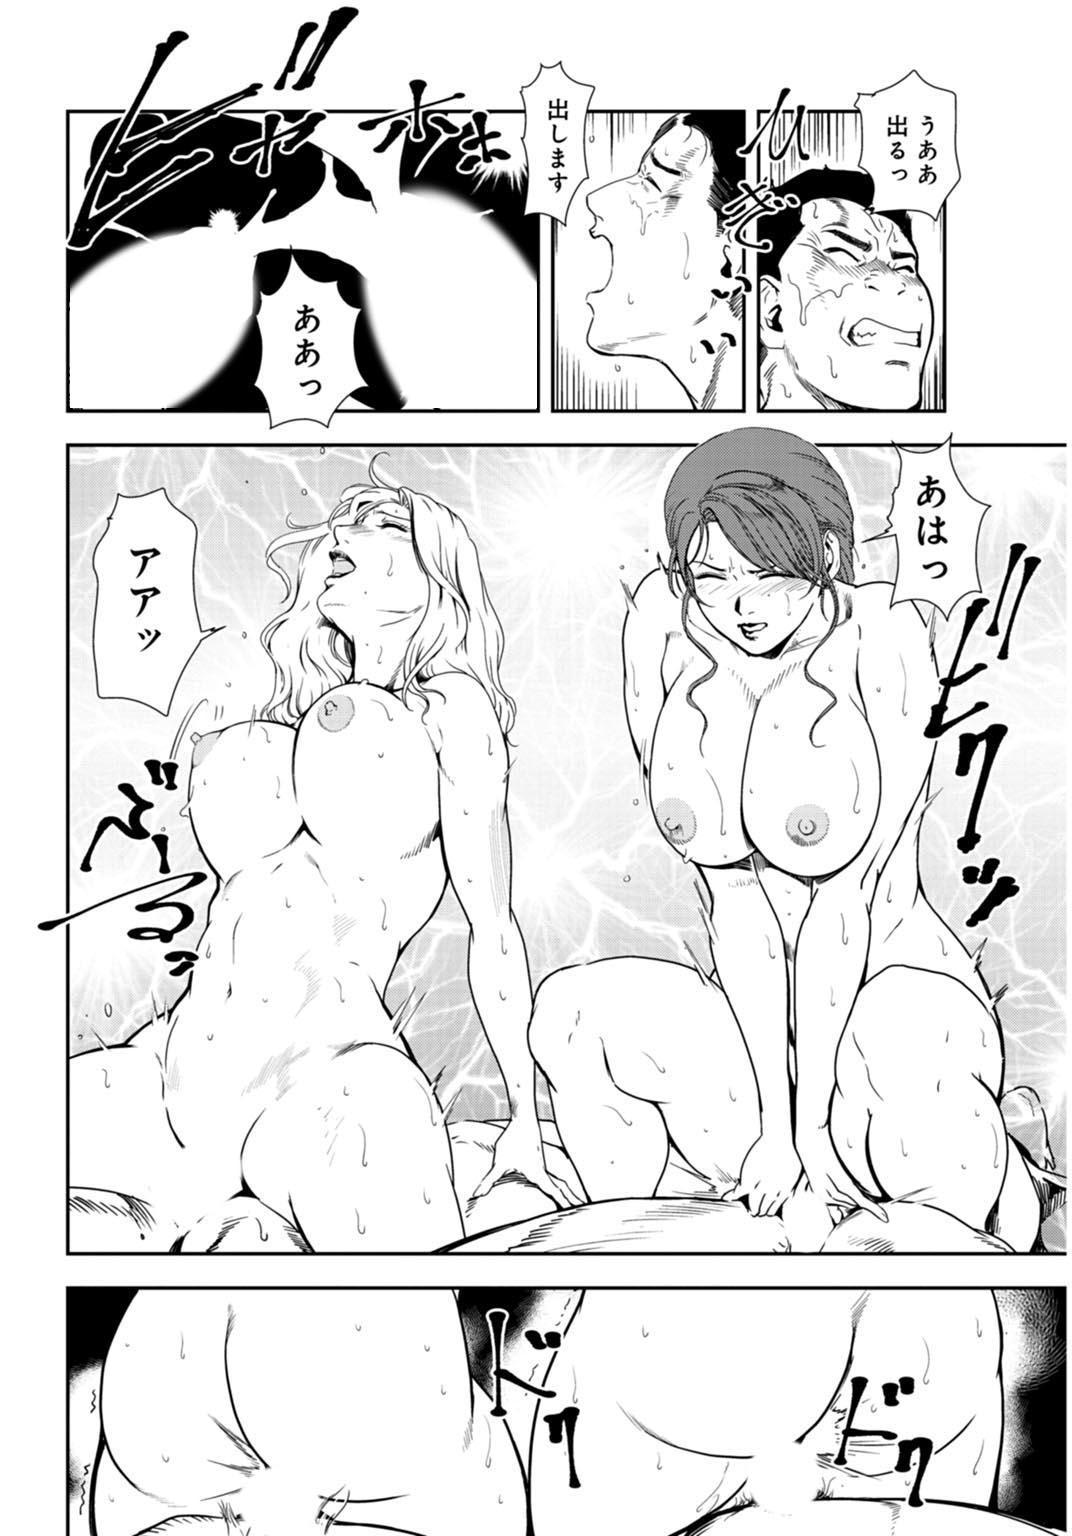 Nikuhisyo Yukiko 27 46